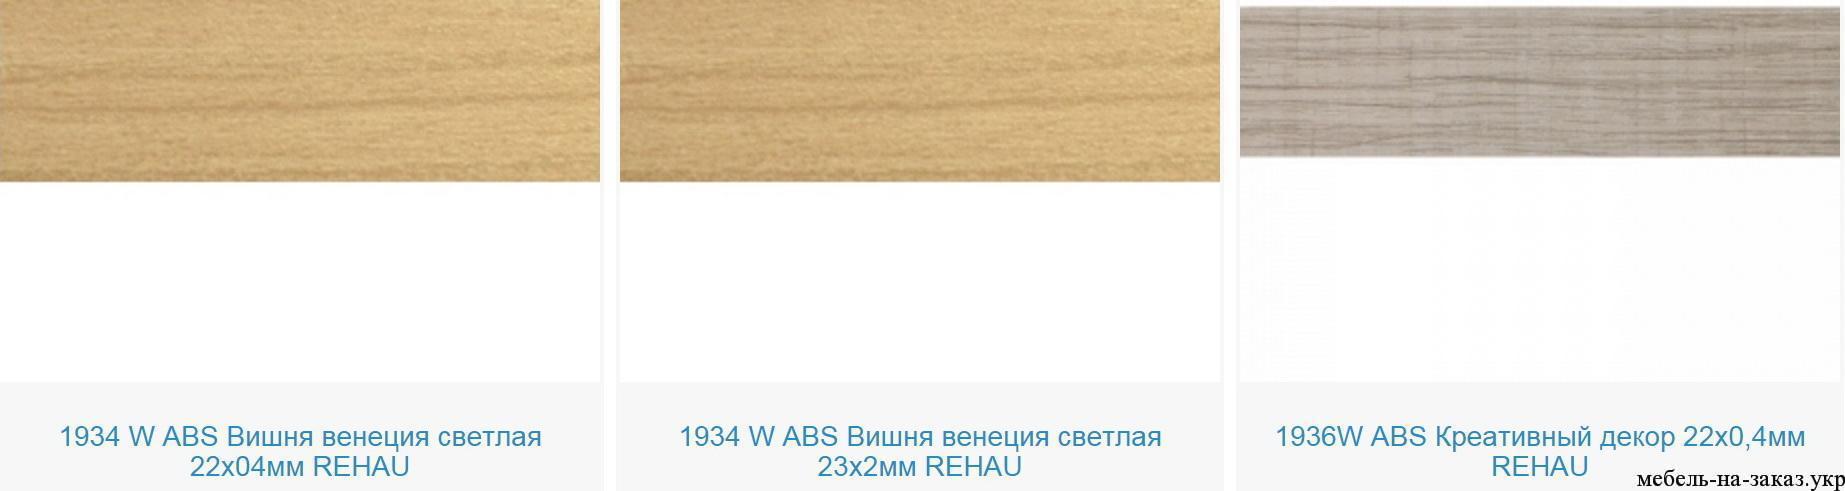 каталог кромки ПВХ для мебели